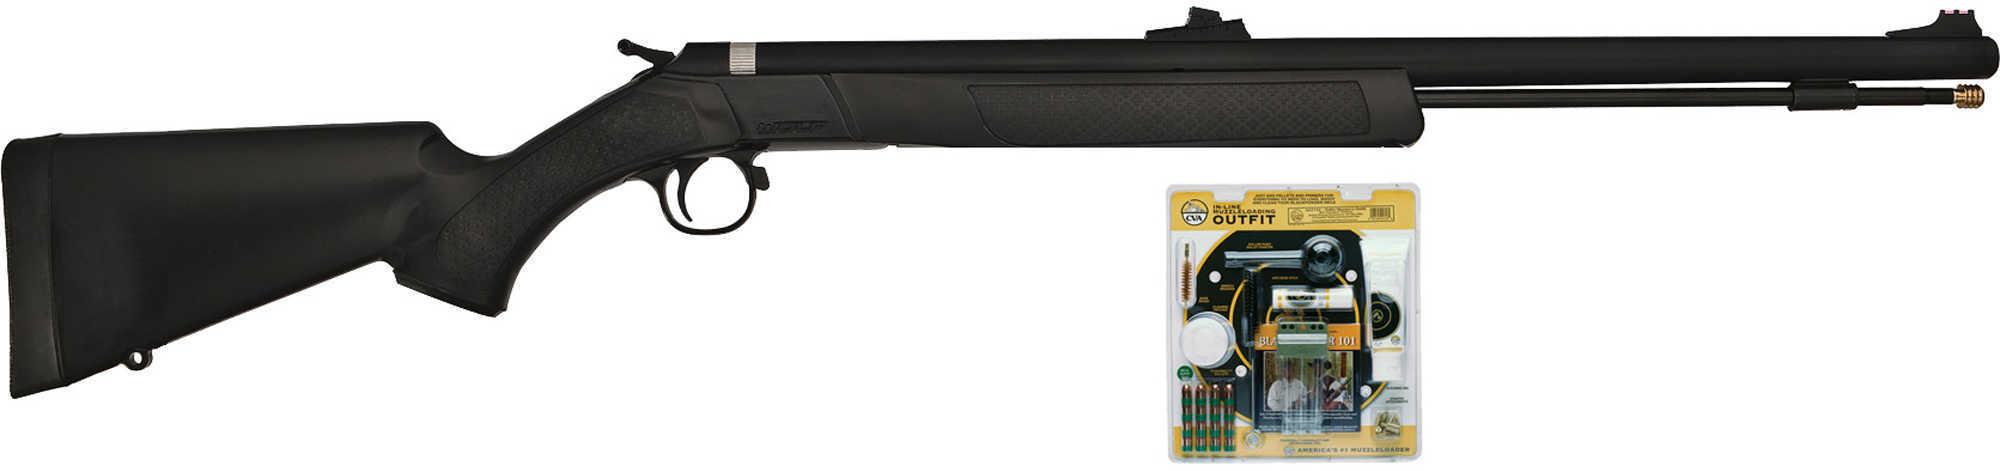 CVA Wolf Muzzle loader w/Accessory Outfit Black .50 Model: PR2110VP